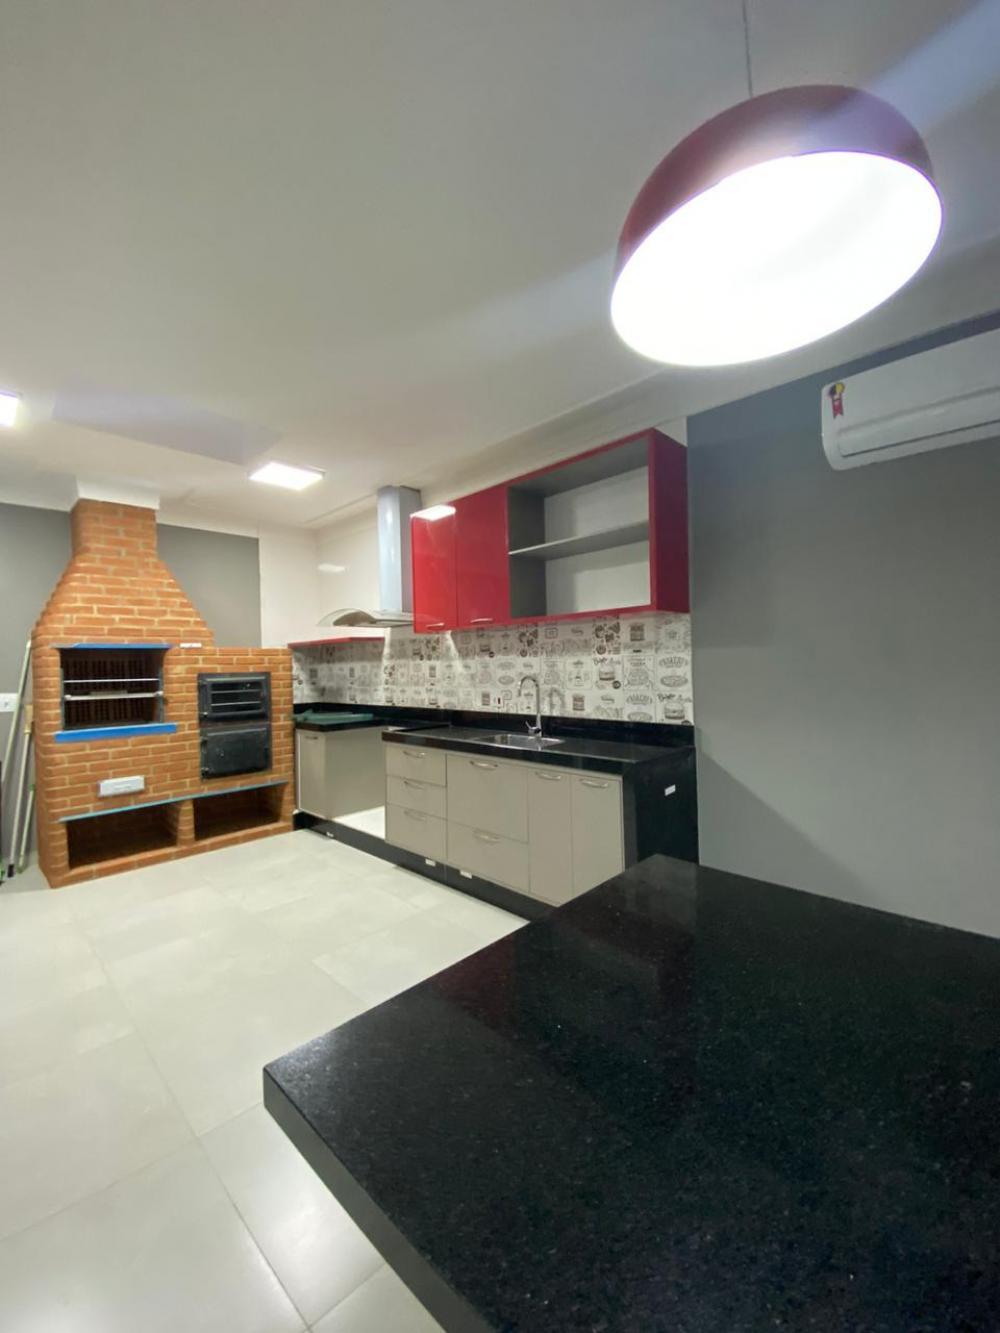 Casa em condominio térrea,em terreo de 256 m², com 200 m² área construída. A casa possui 3 dormitórios sendo 2 suítes com armários embutidos, banheiro social, sala ampla para 2 ambientes com pé direito duplo, cozinha americana com armários e fogão, integrada com área gourmet, quintal, entrada e corredor lateral, 2 vagas de garagem cobertas. Ótimo acabamento, ar condicionado em todos os ambientes.  Aceita financiamento.  Estuda permuta com imóvel de menor valor.